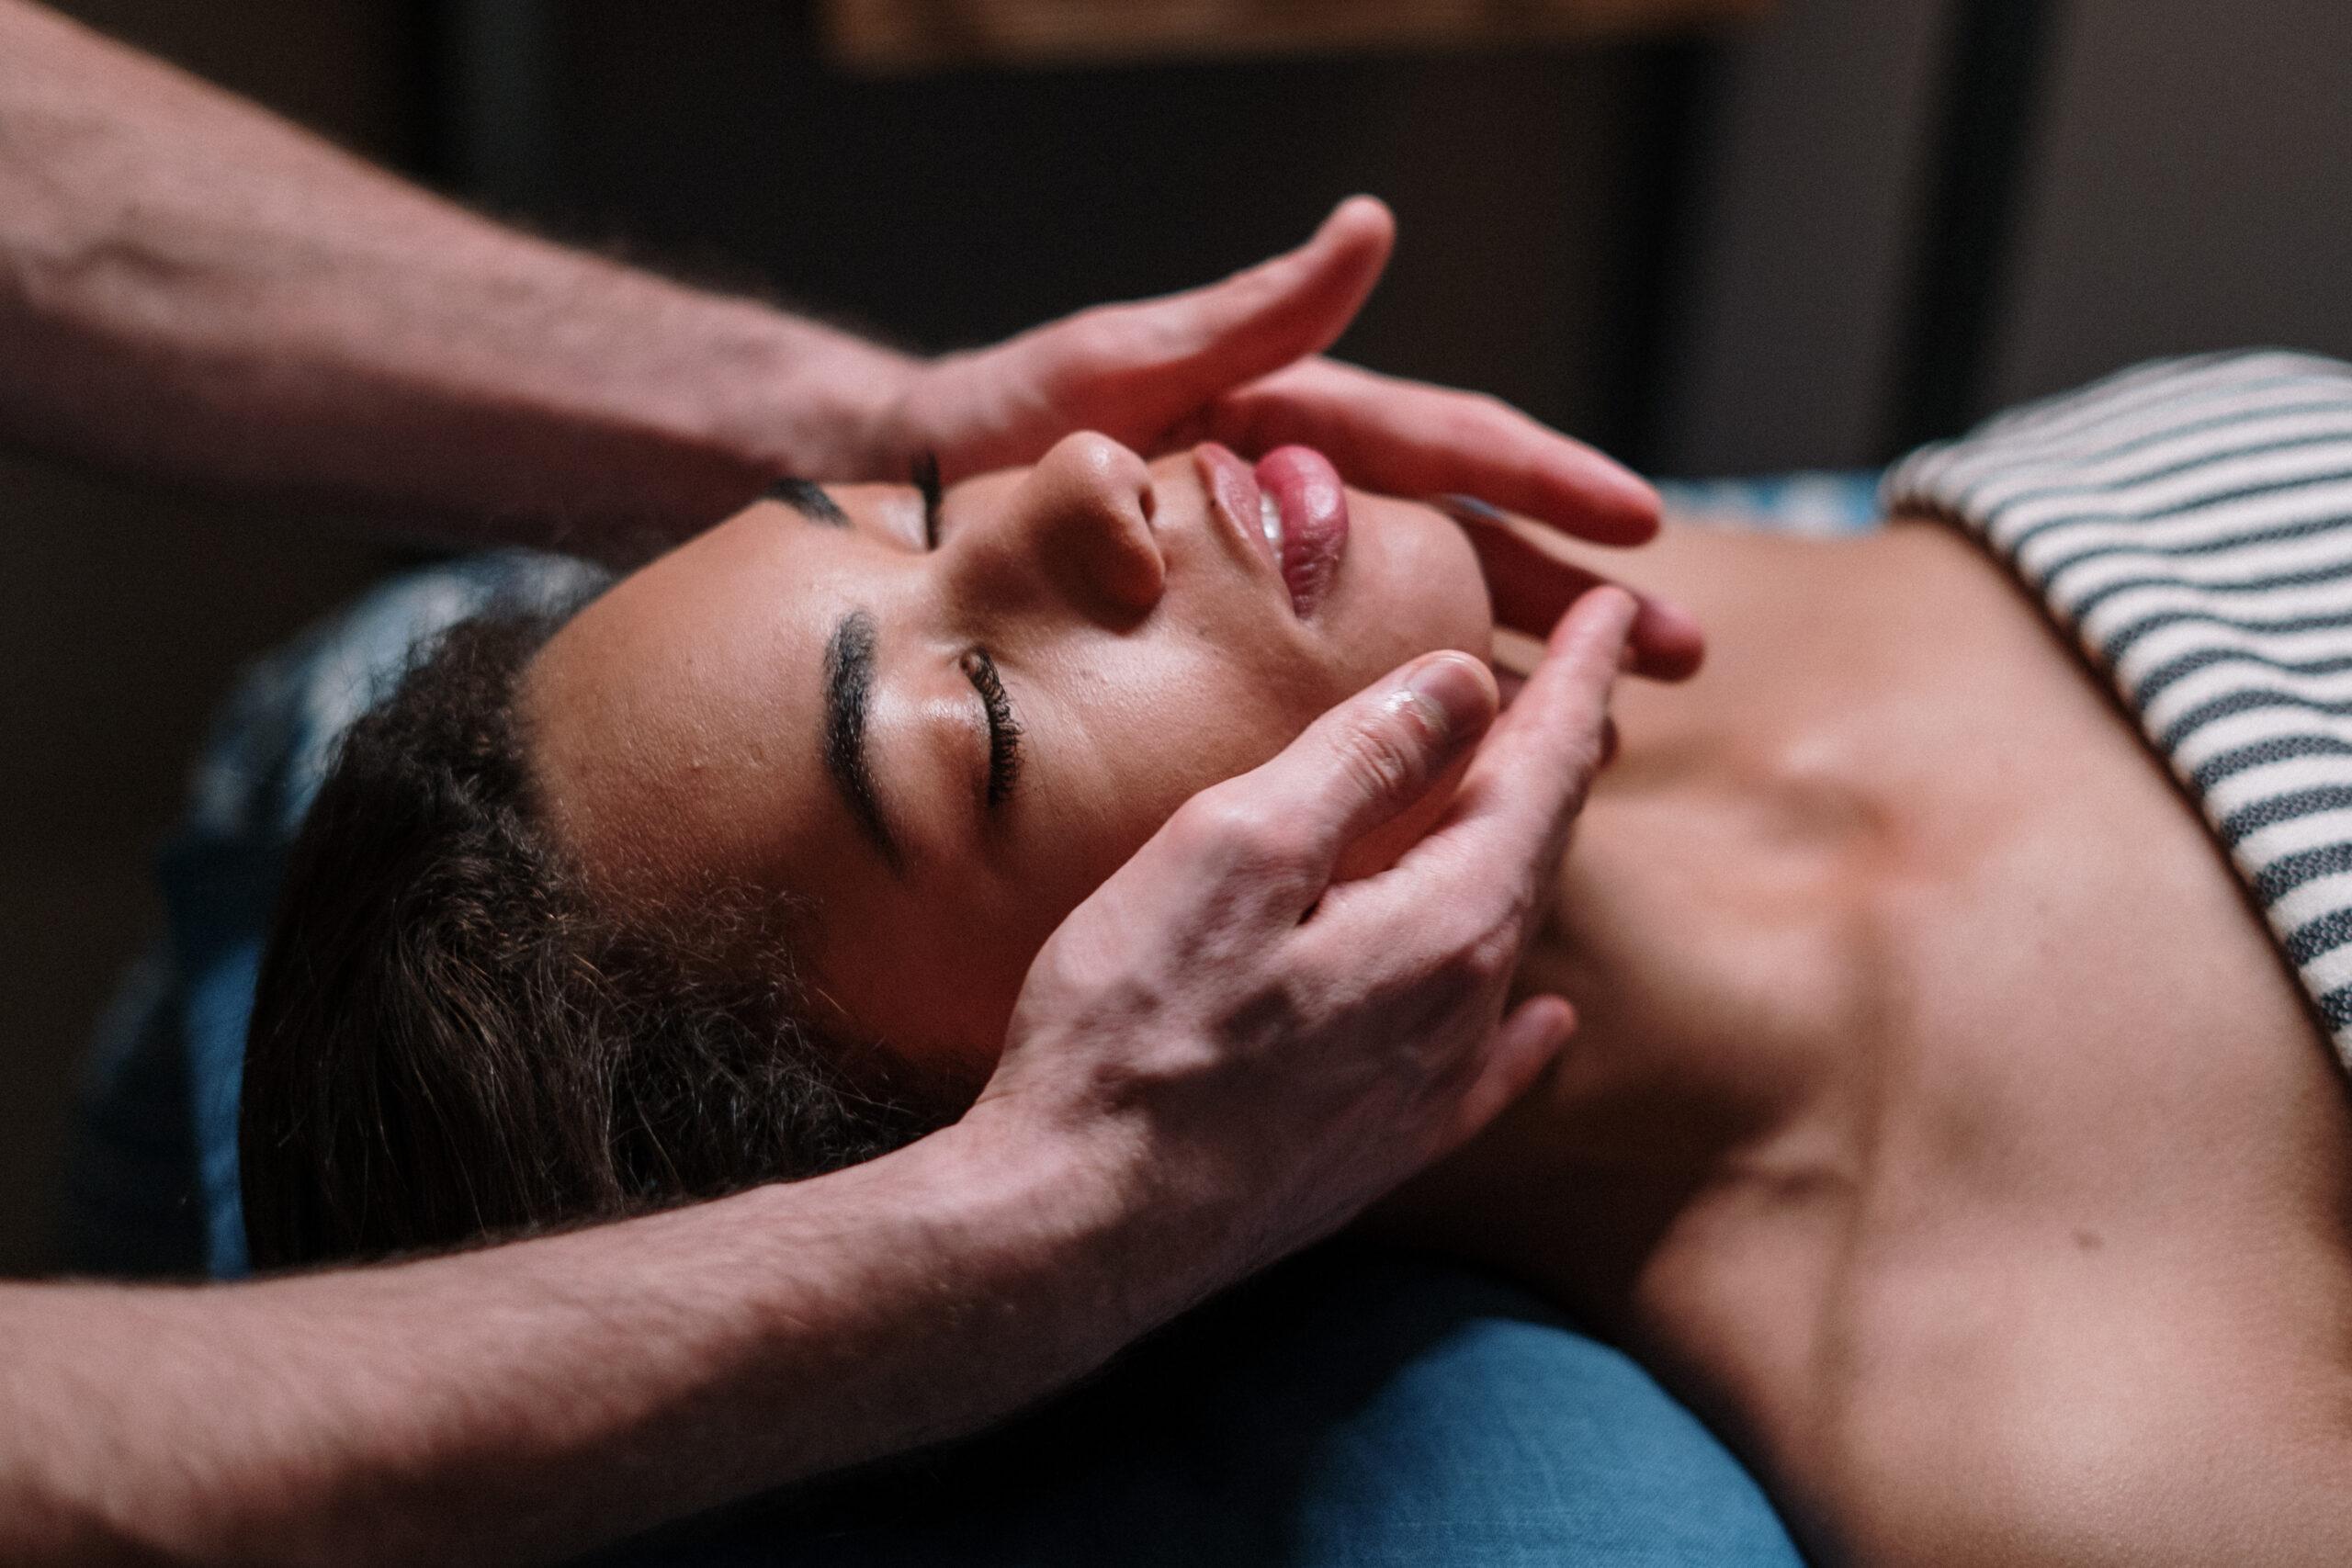 Masáž oblyčeje ženy ležící na modro-bílé látce